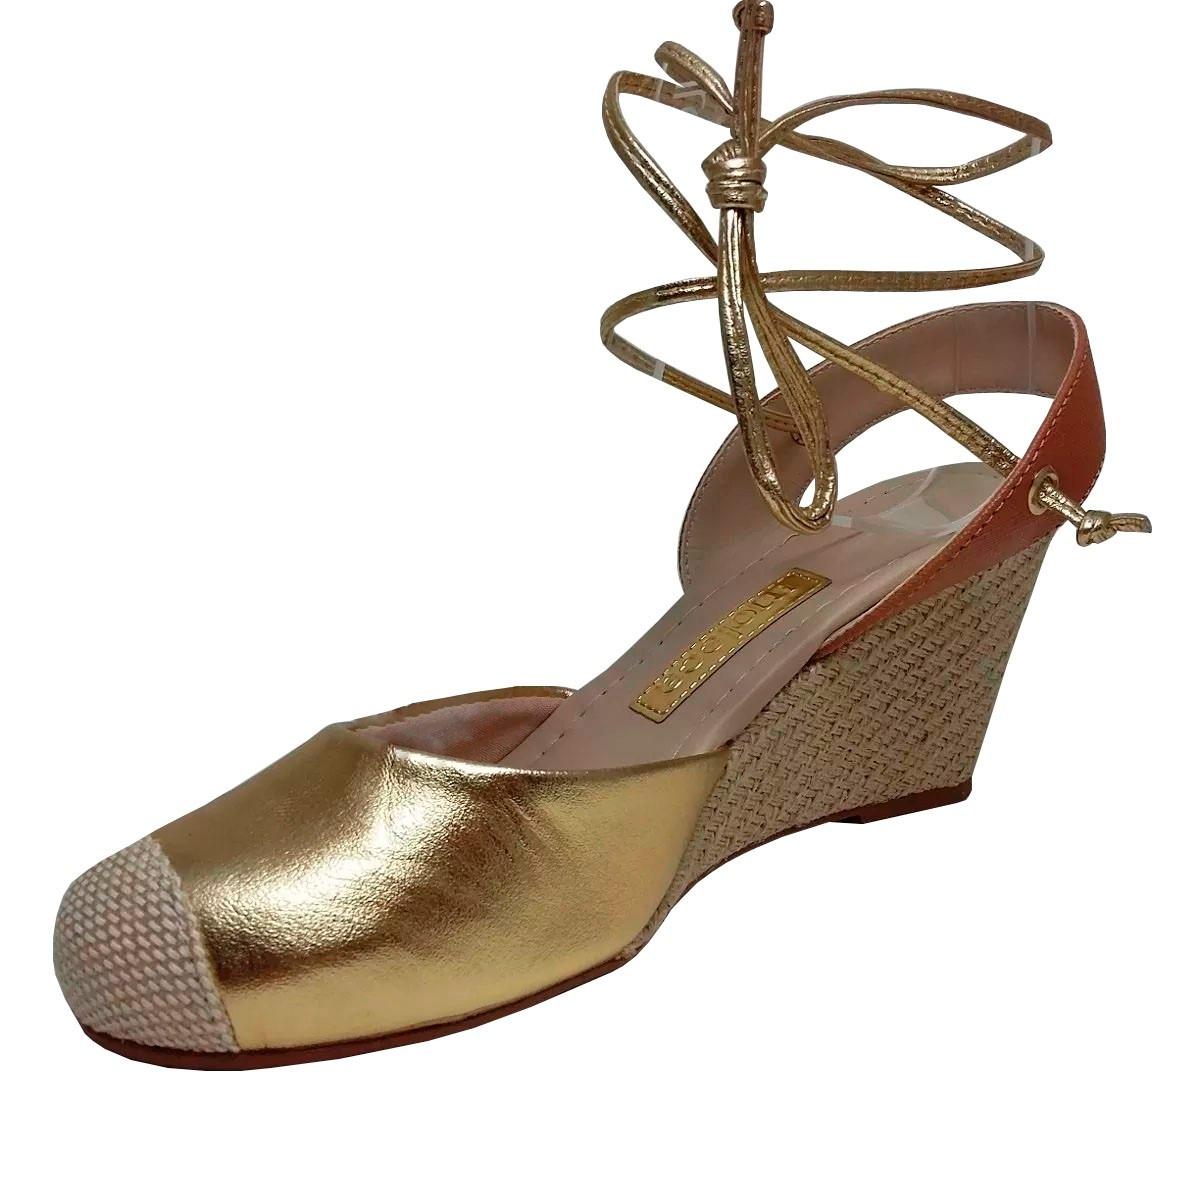 8c2d4e61ec sandália espadrille moleca dourada ouro anabela frete grátis. Carregando  zoom.